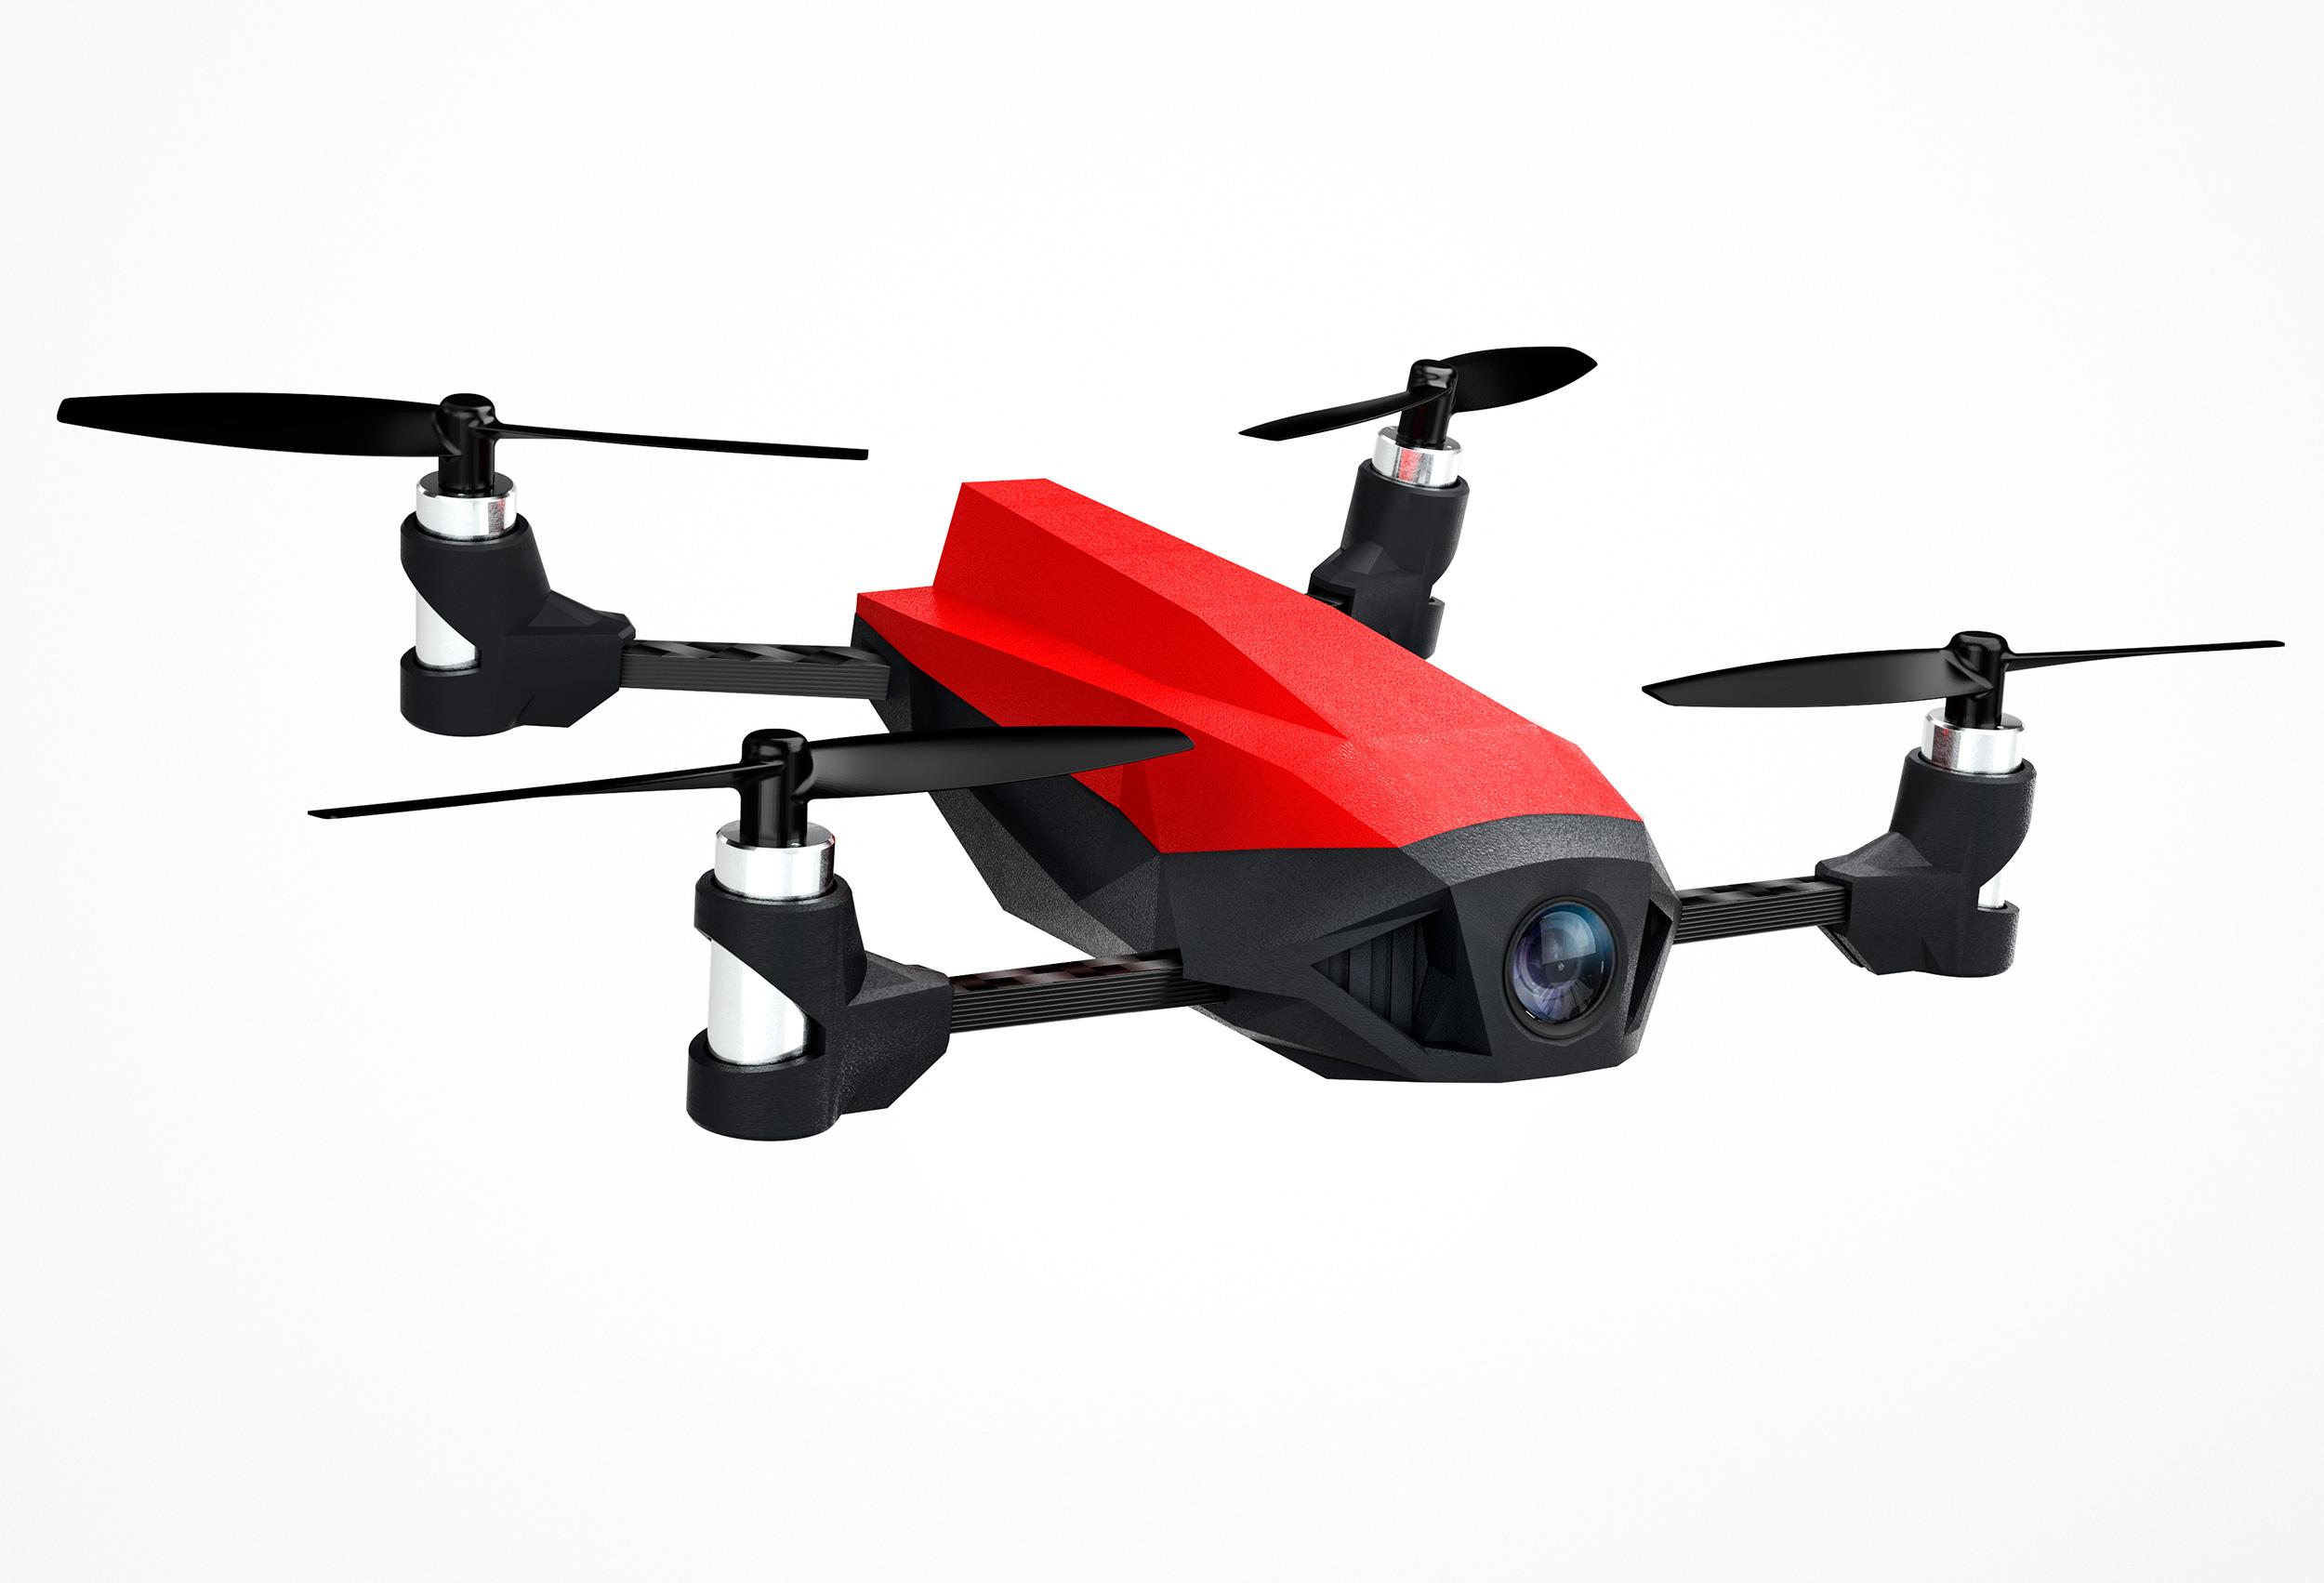 nano racing drone olivier regneault graphiste 3d. Black Bedroom Furniture Sets. Home Design Ideas